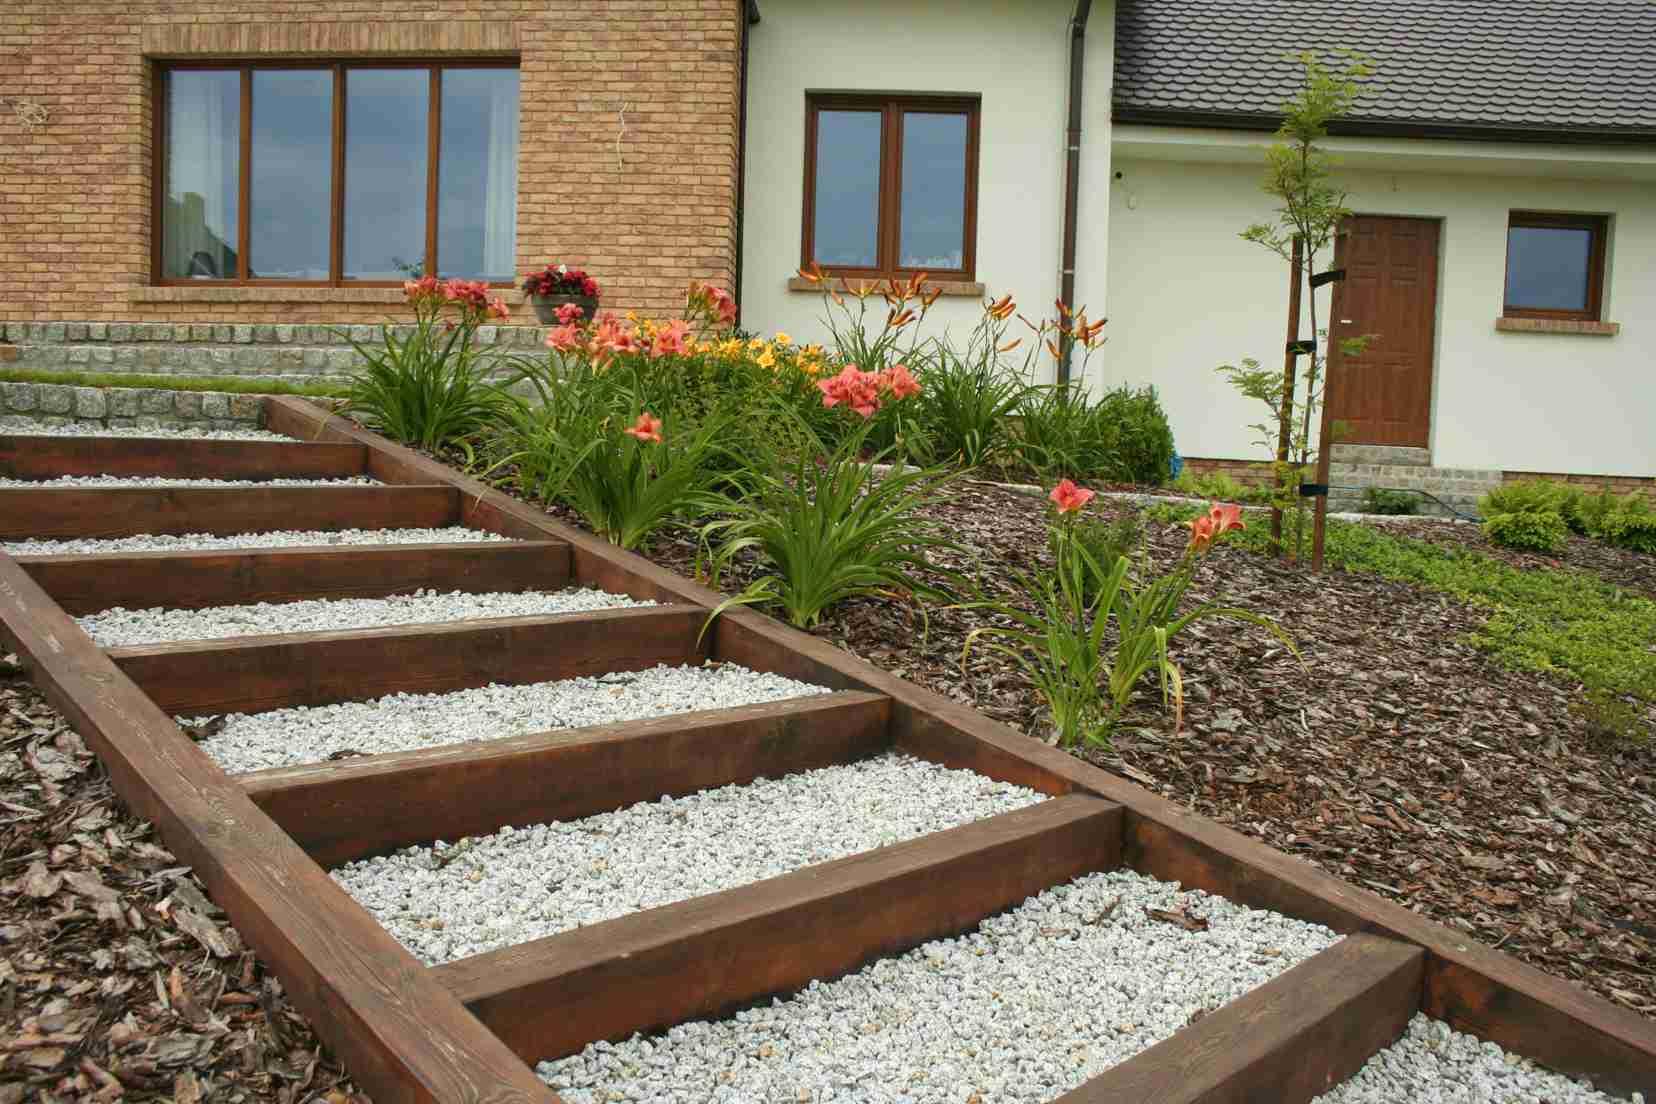 Schody terenowe z drewna i grysu, skarpa, ogród przydomowy